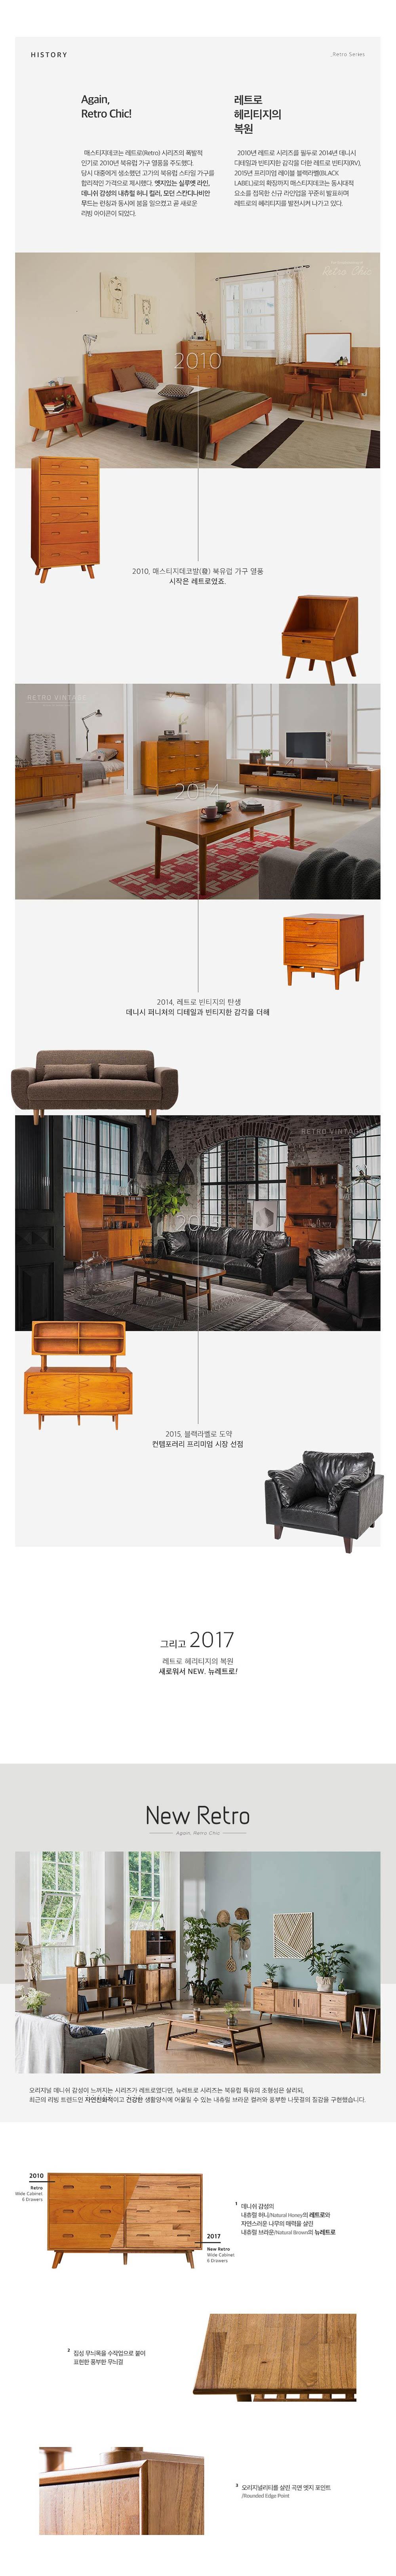 New_Retro_TV_Console_History_Furniture_Online_Singapore_born_in_colour